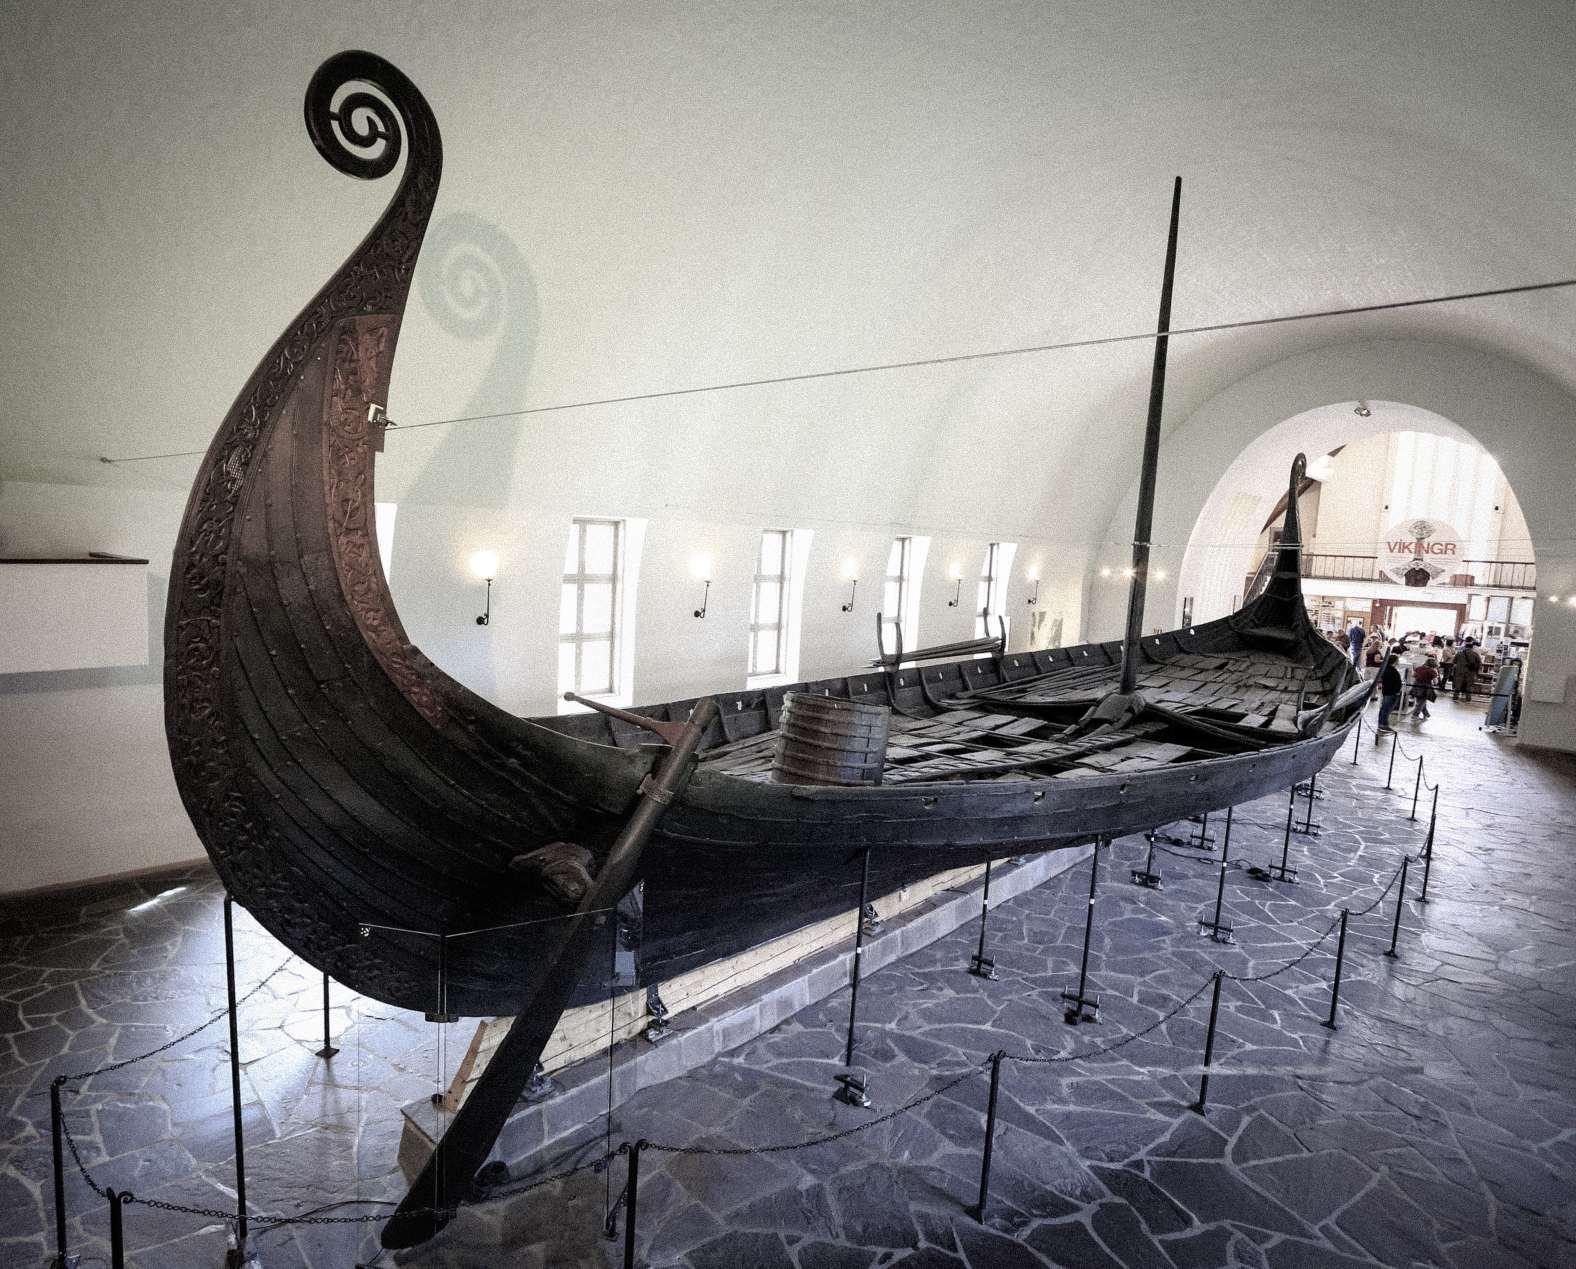 Navire des Vikings dans le musée des navires vikings de la ville d'Oslo en Norvège. © Crédit d'image : Vlad Ghiea | Licencié de DreamsTime.com (Utilisation éditoriale Banque d'images, ID:155282591)